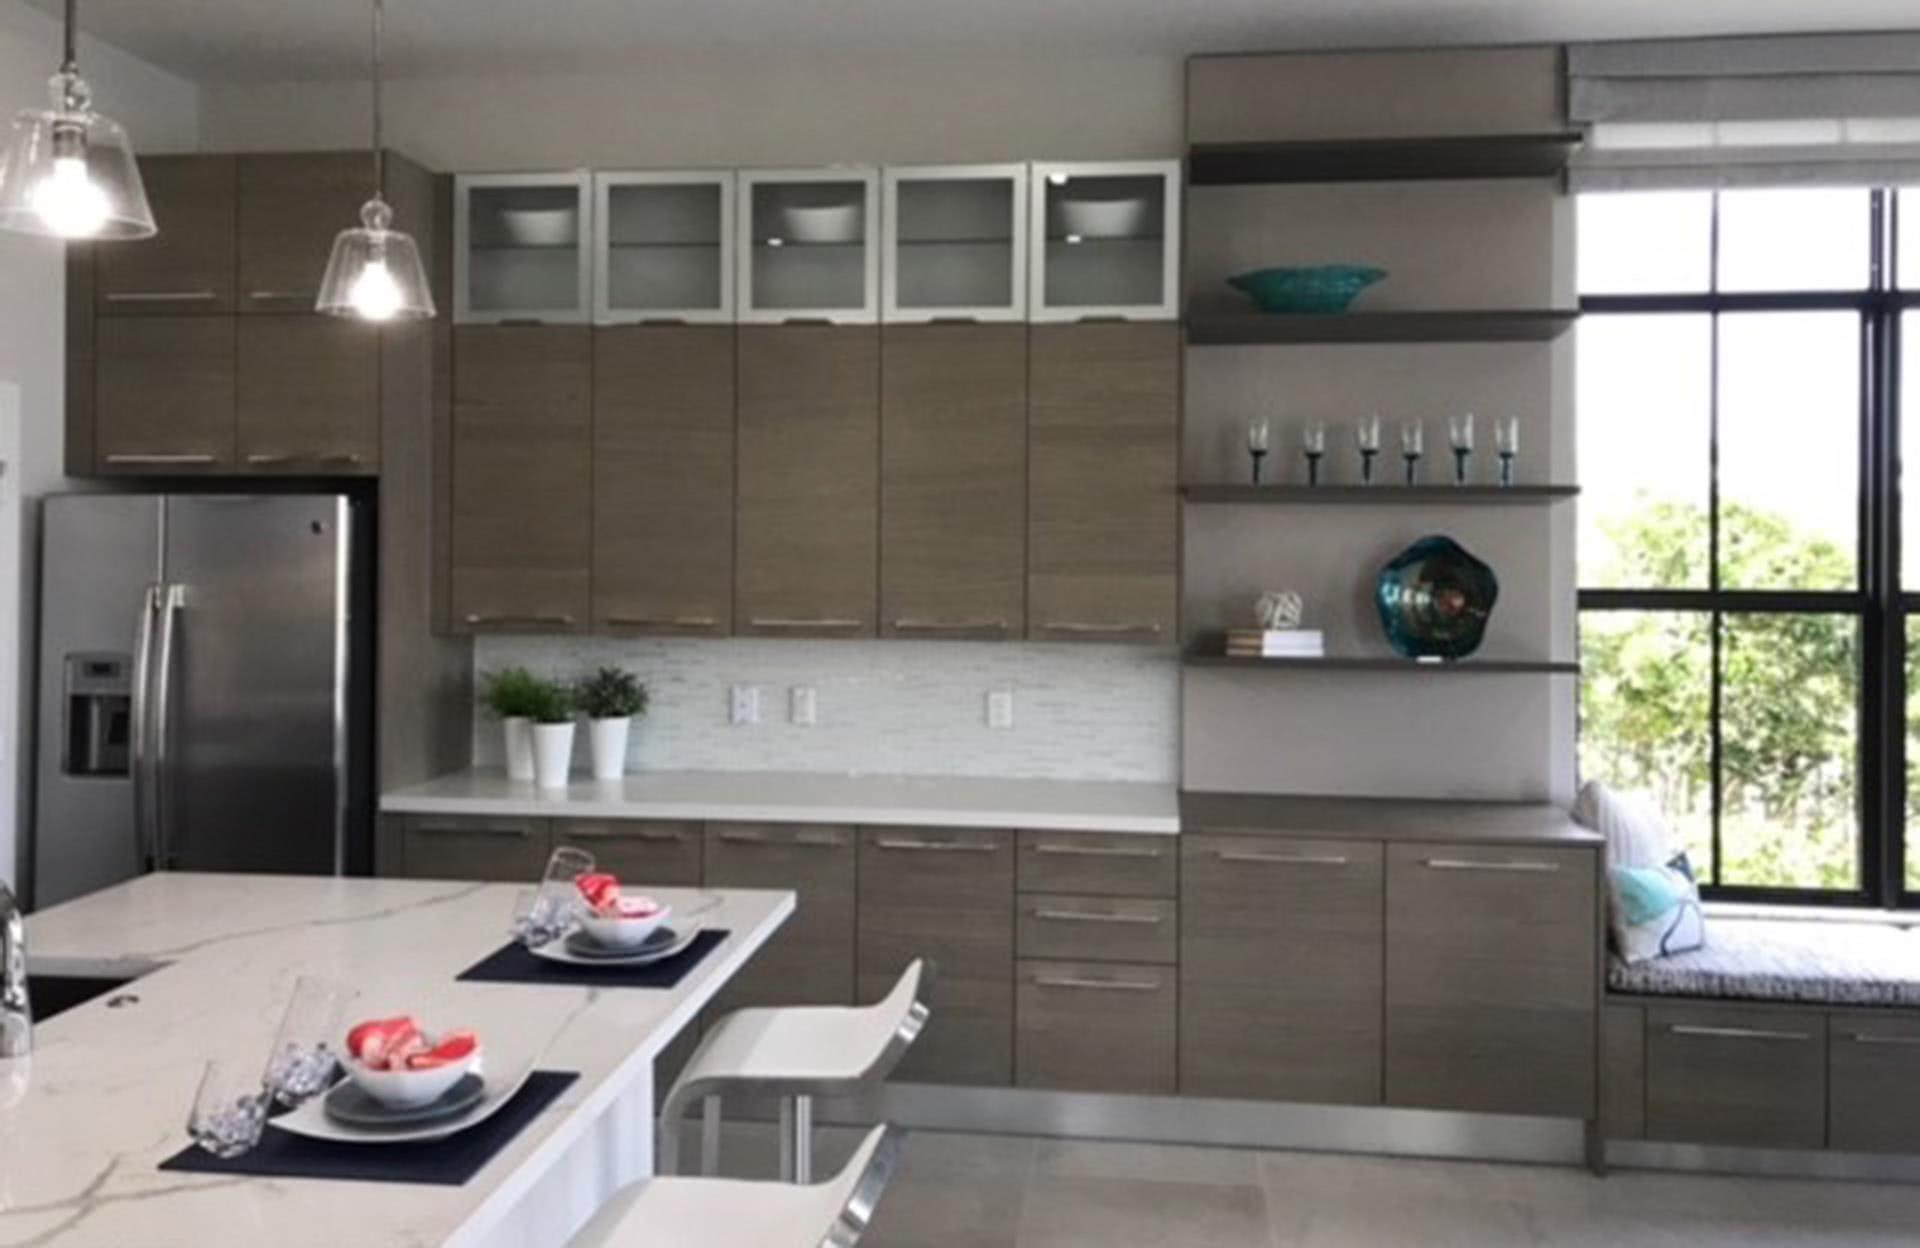 Cucina Soffitti Alti : Arredamento di case con soffitti alti